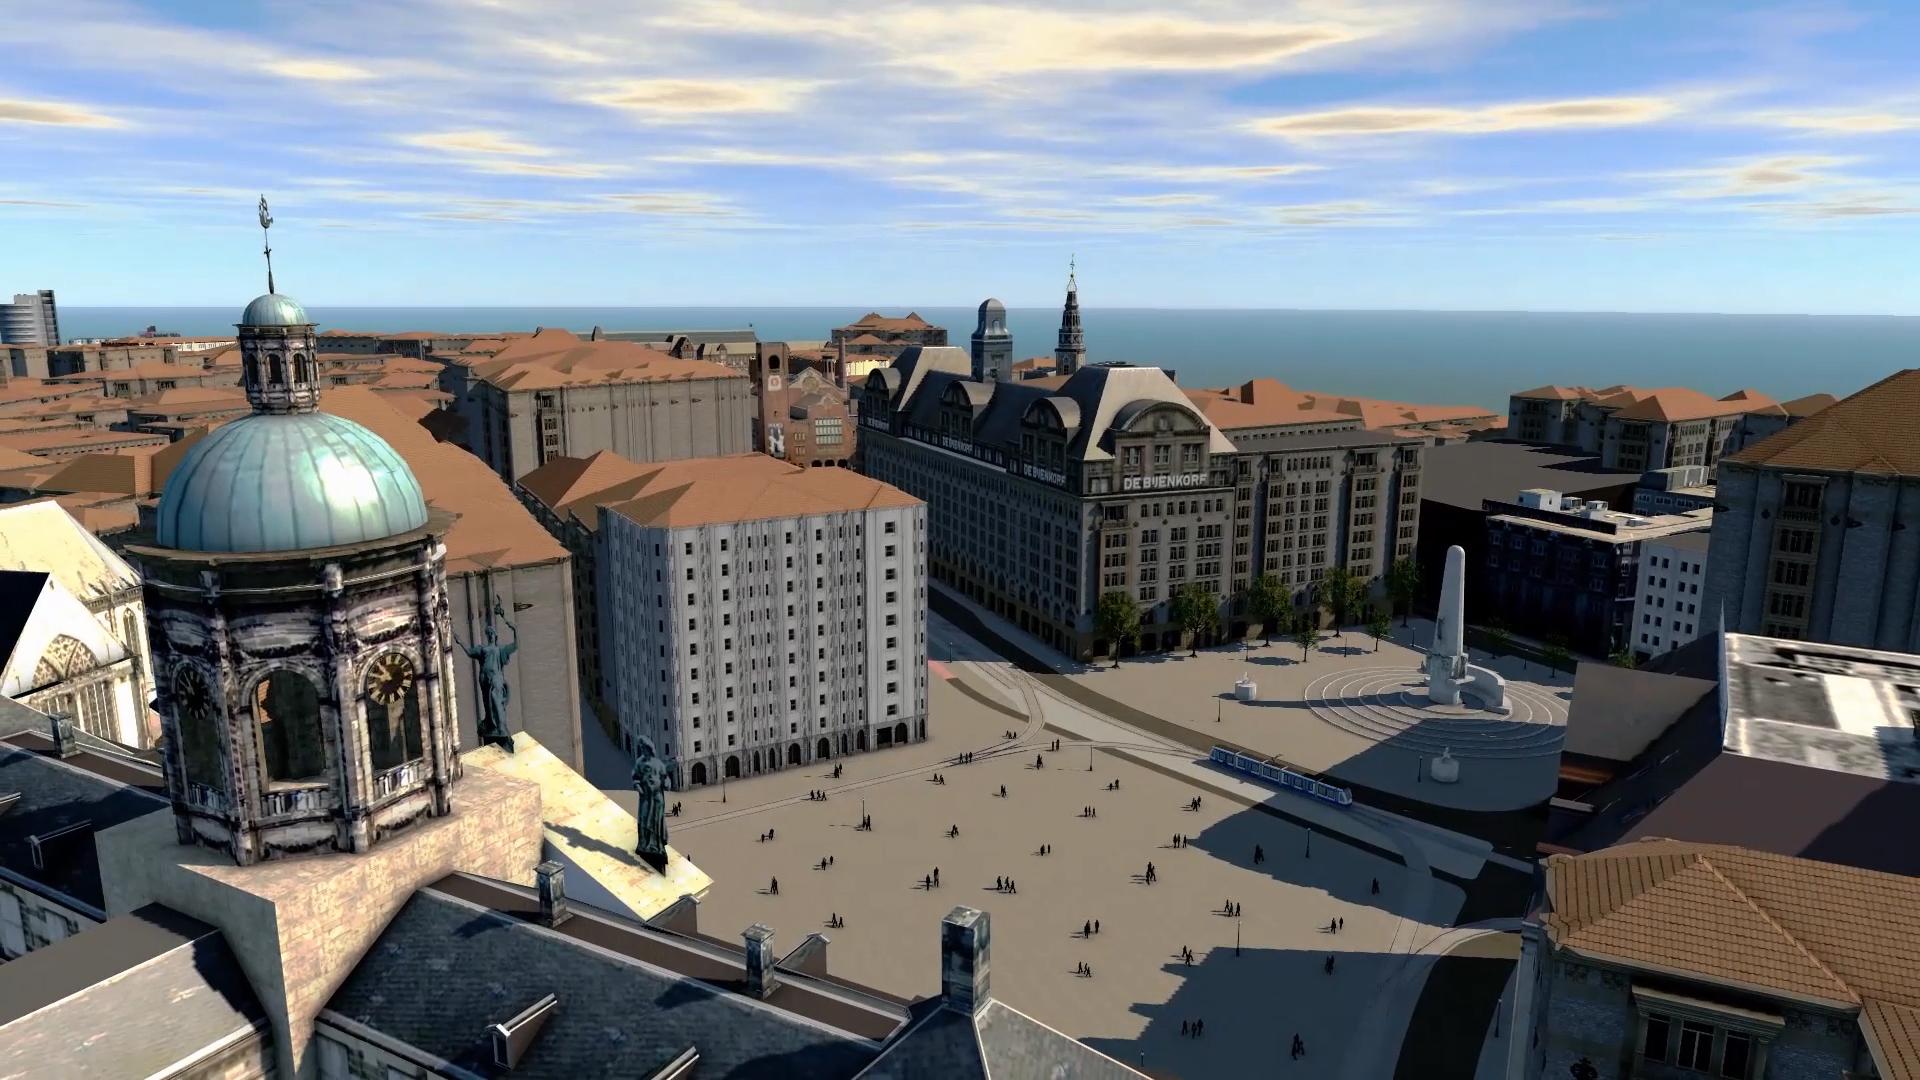 Hyperrealistische weergave van de Dam Amsterdam